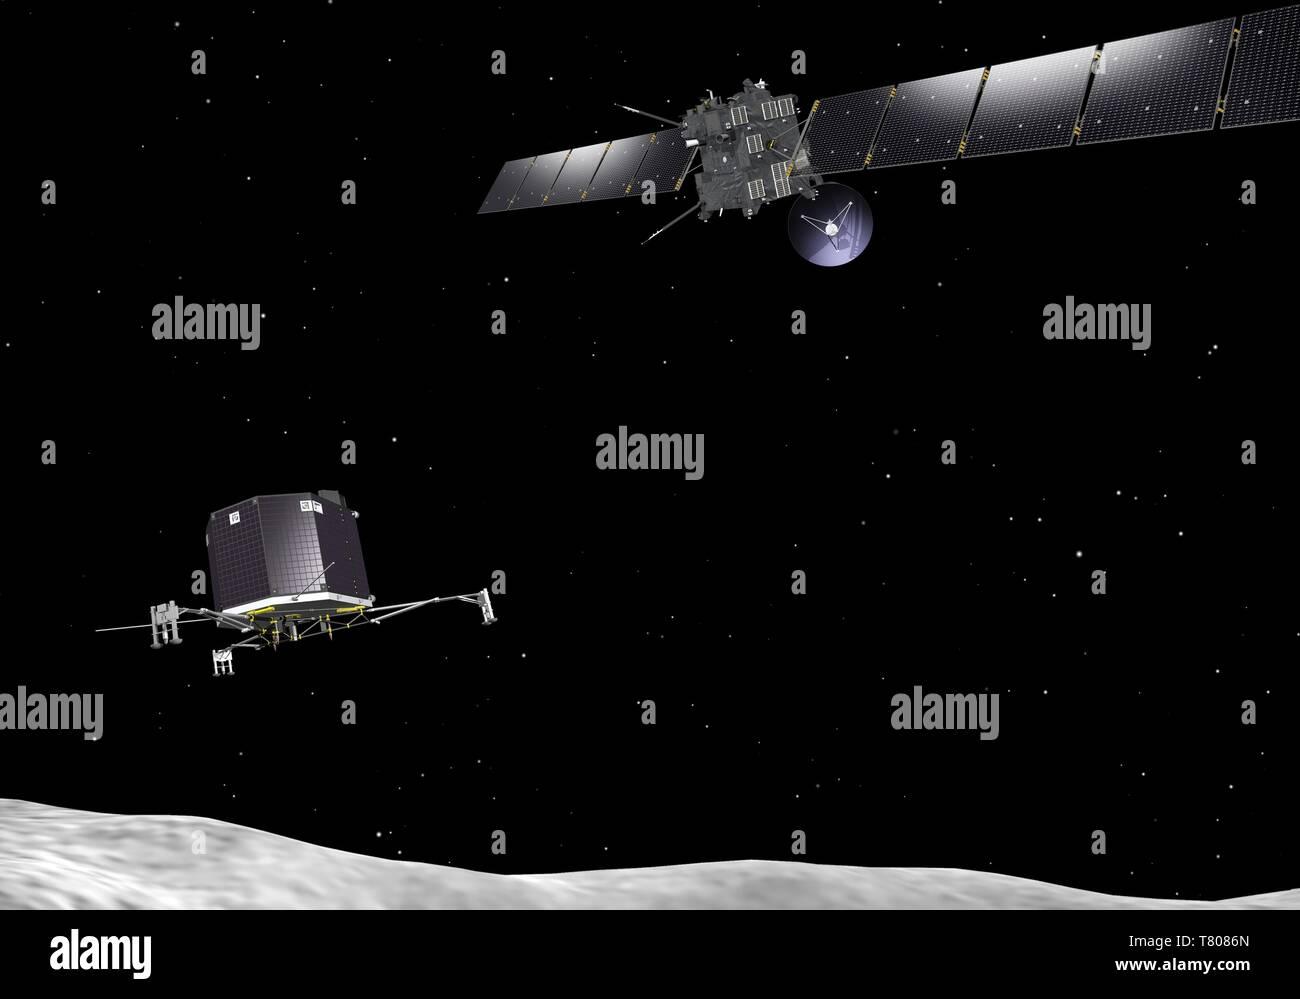 Rosetta spacecraft and Philae lander, artwork - Stock Image